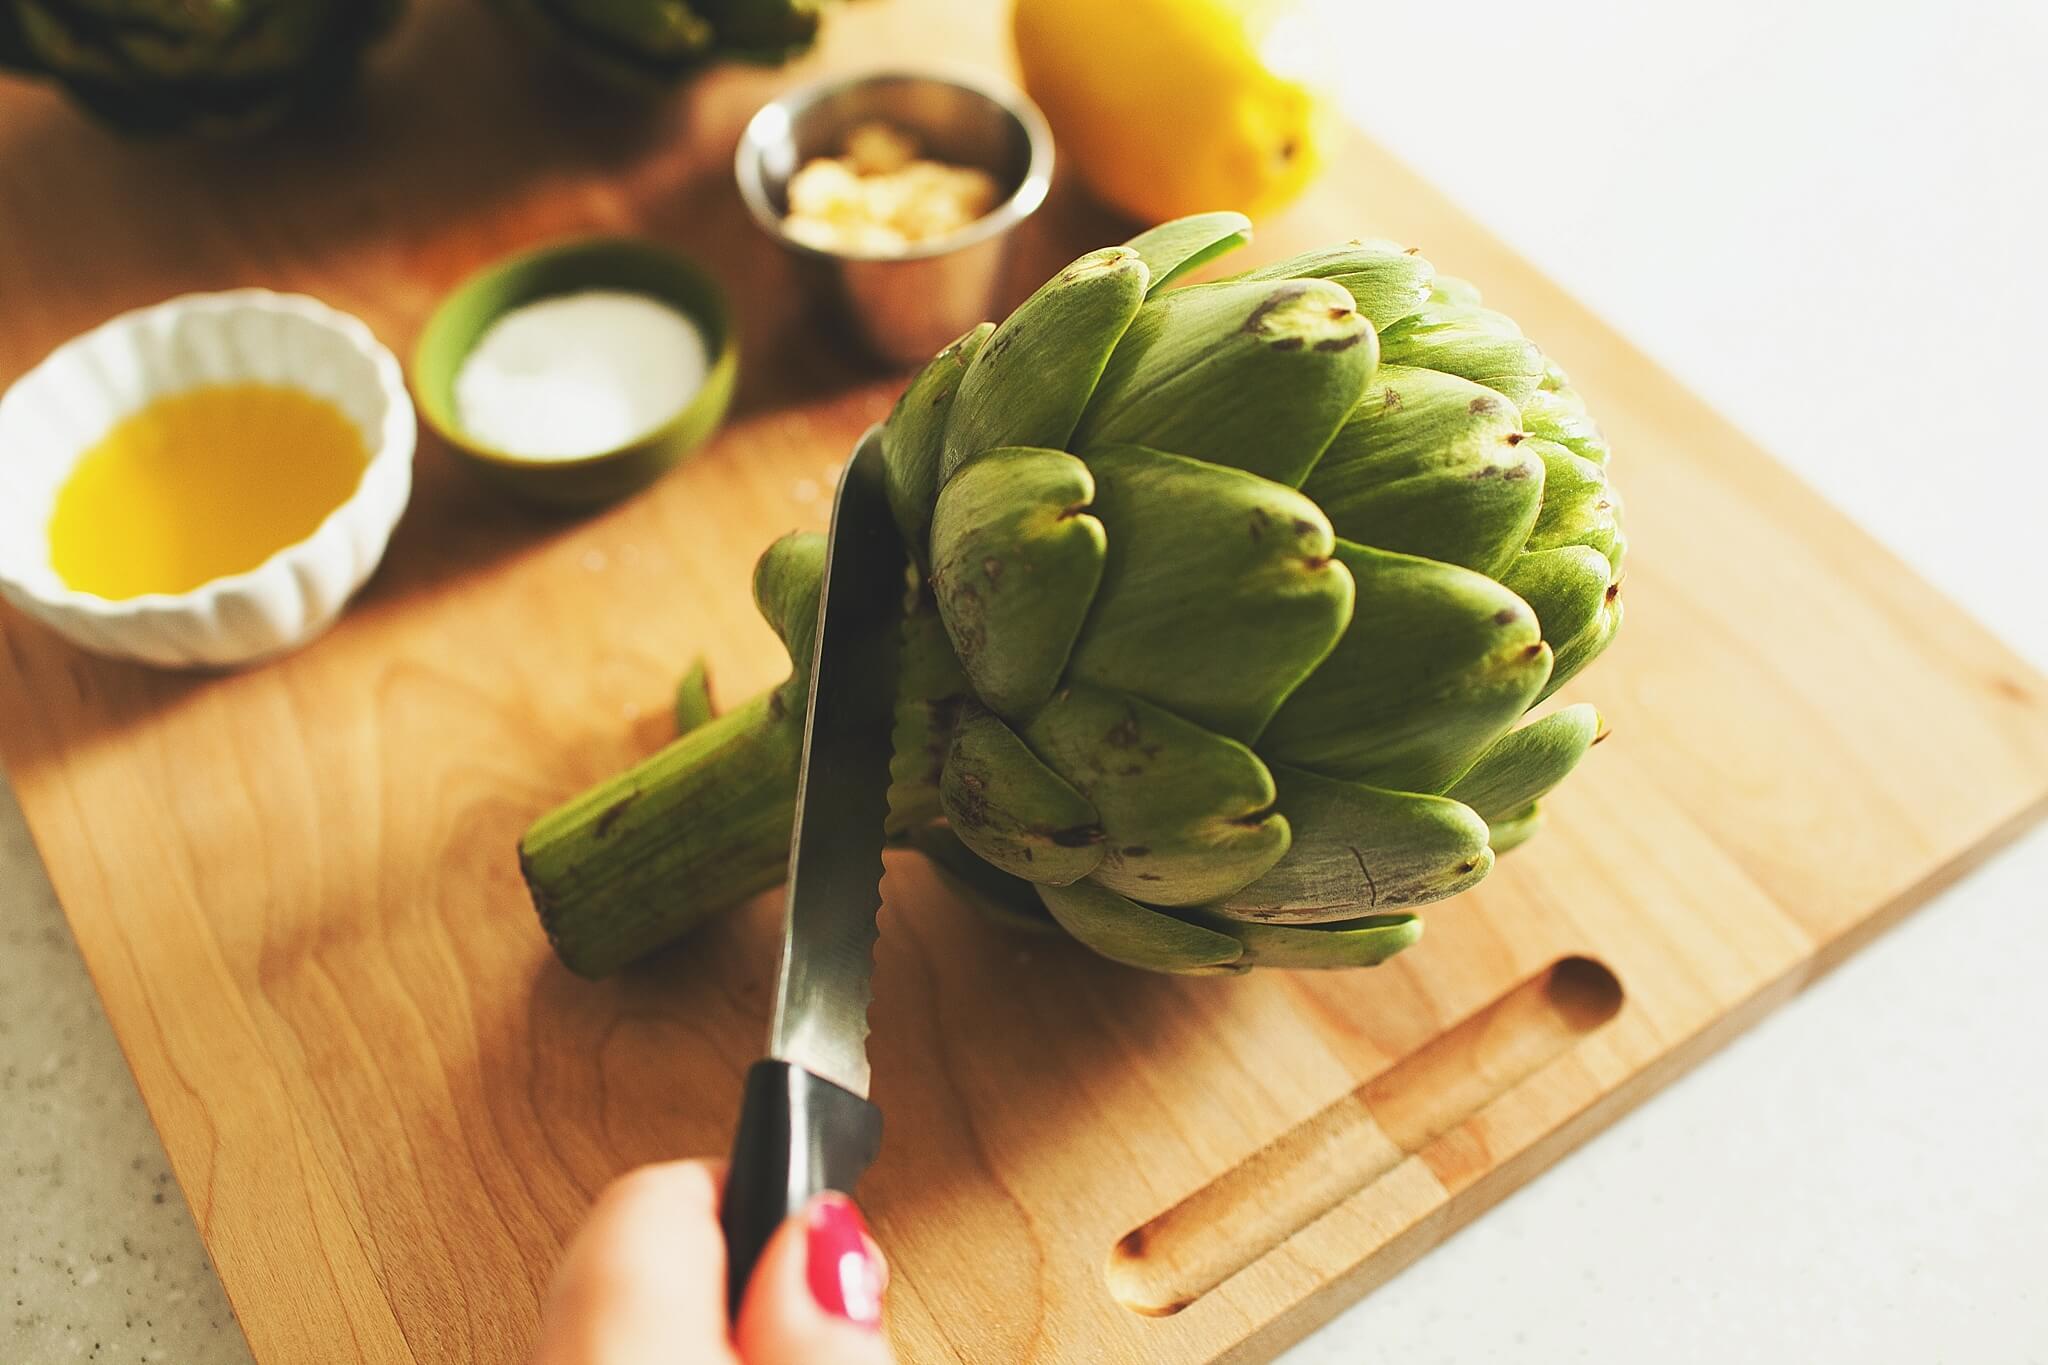 How to Cook Crockpot Artichokes: Step 2 trim stem